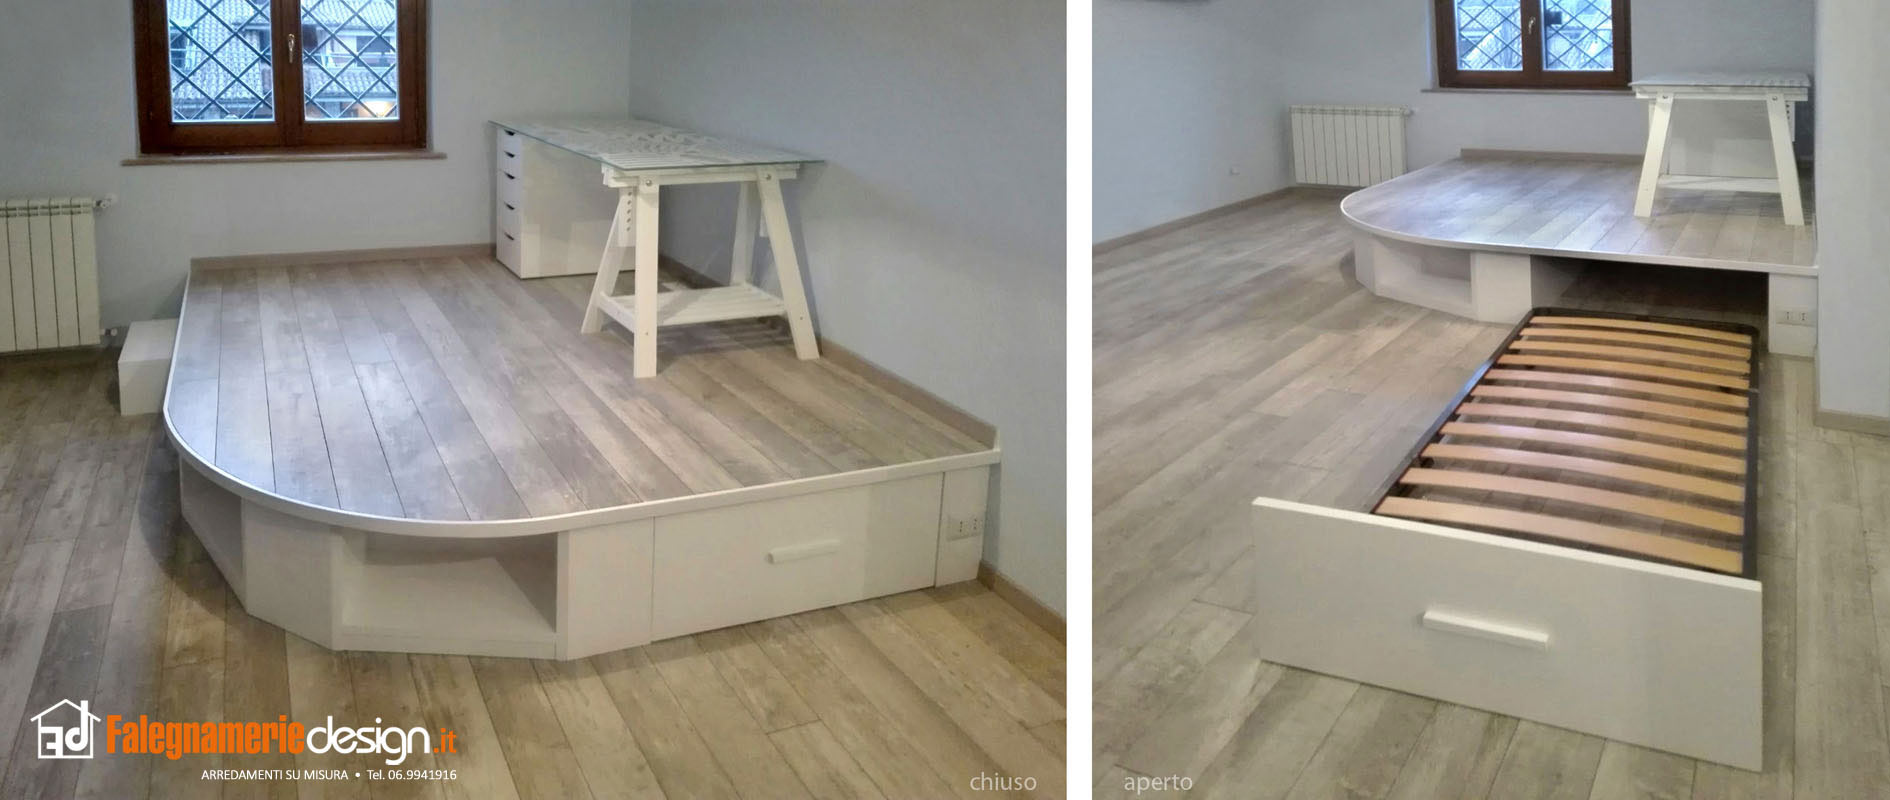 Letto su misura a scomparsa arredamenti e mobili su misura roma - Camera di letto usato ...